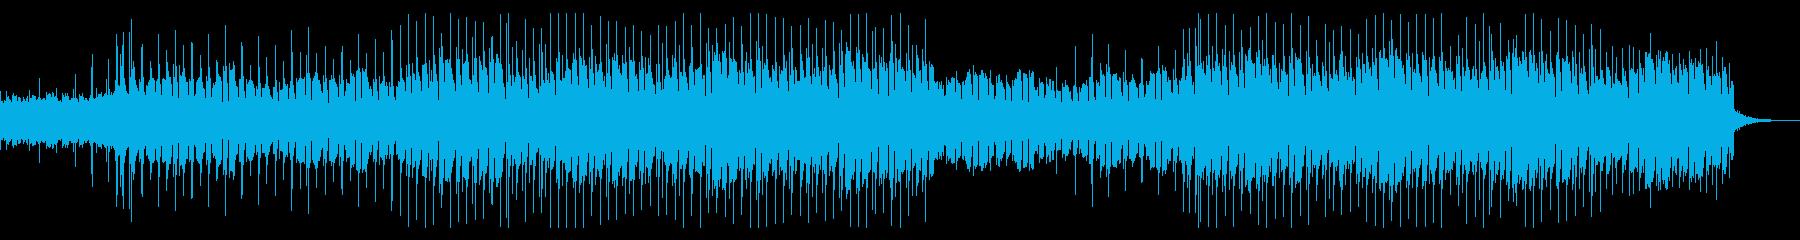 ラテン調のギターメロディサウンドの再生済みの波形